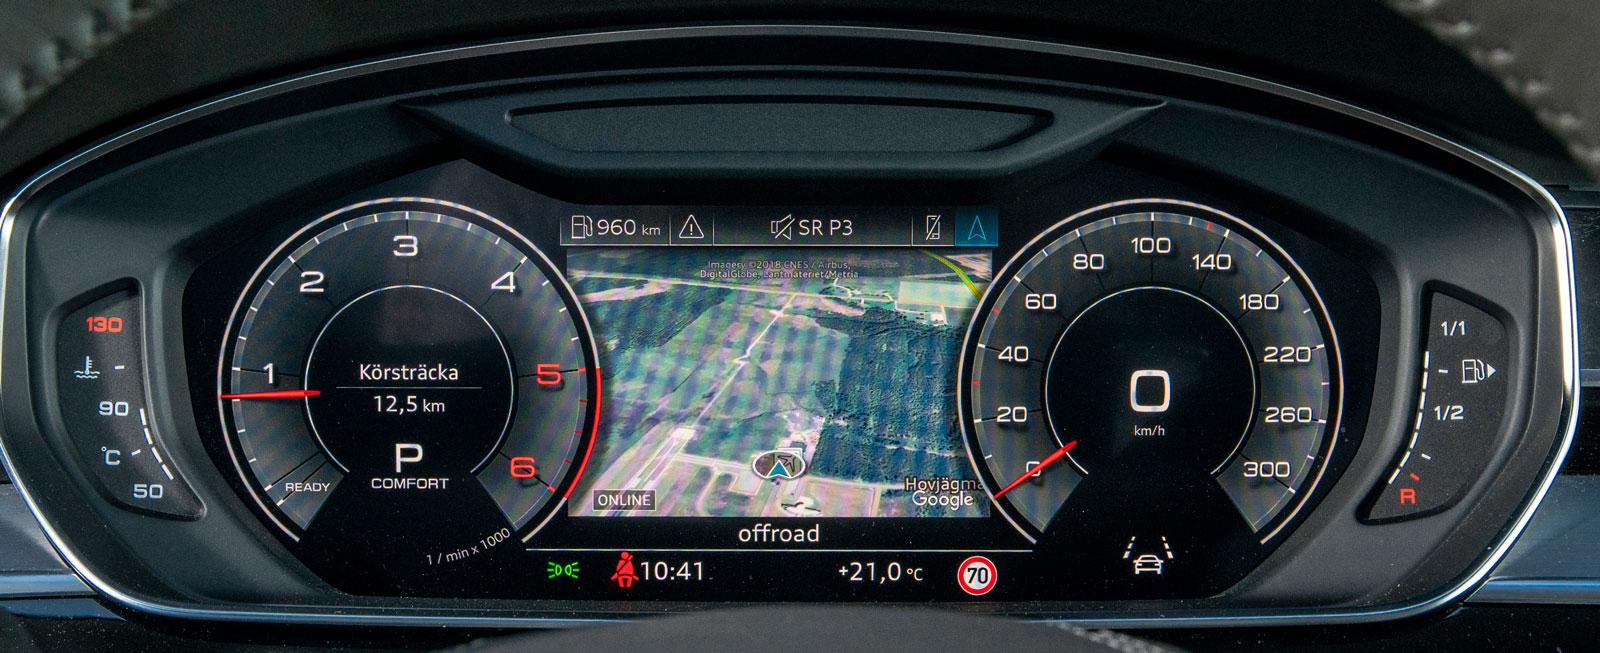 Snyggt, funktionellt och lätt- överskådligt. Audis digitala instrumentkluster kan anpassas på en rad olika sätt. Navigationskartan visas mellan mätartavlorna.